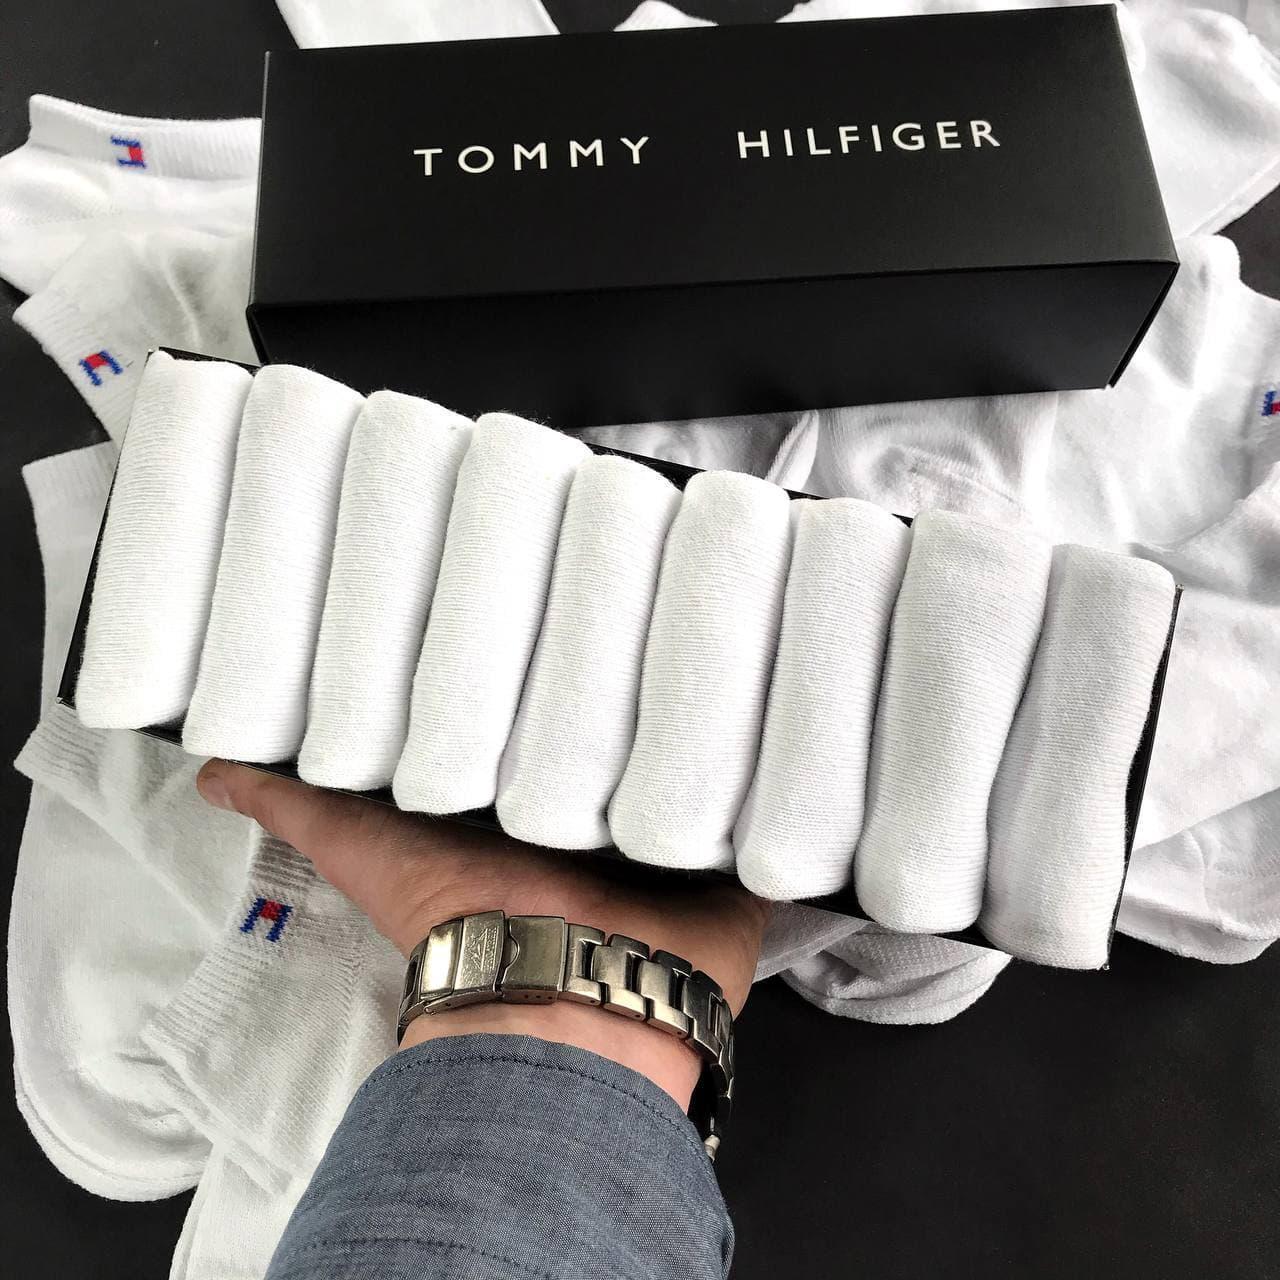 Набор коротких мужских носков TOMMY HILFIGER 9 пар белых в подарочной упаковке! Реплика!